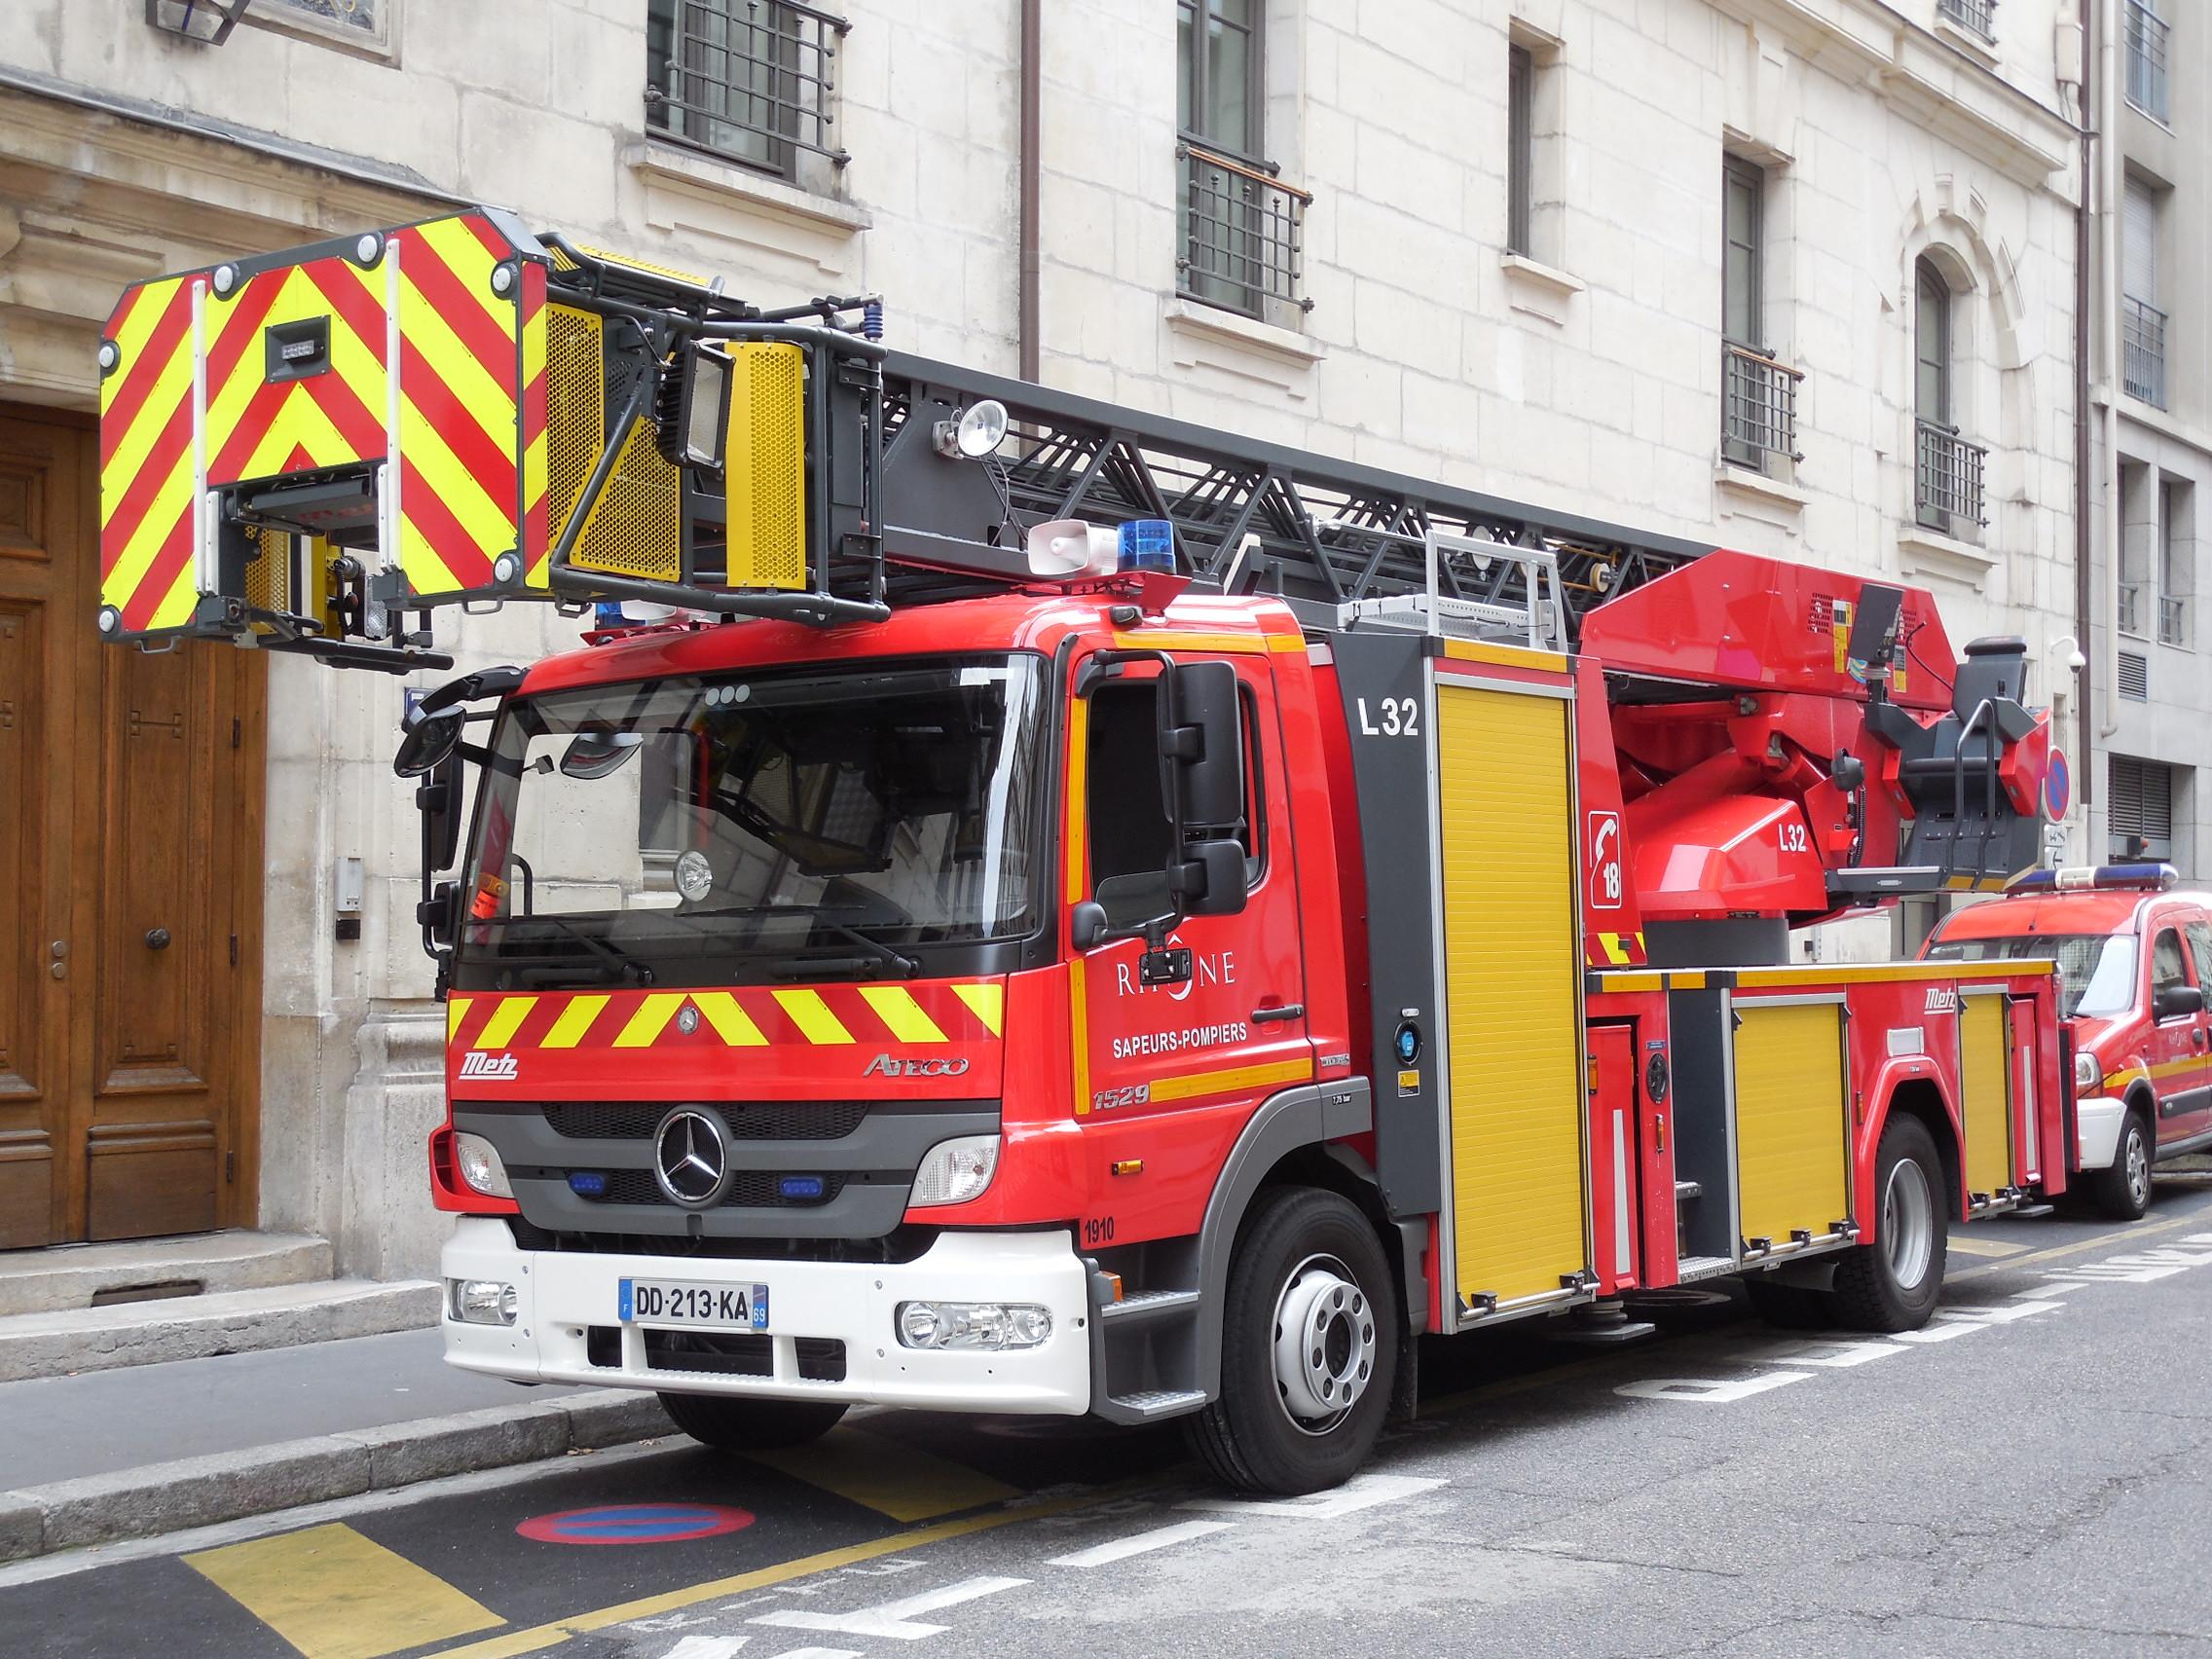 V hicules des pompiers fran ais page 1611 auto titre for Garage auto pertuis